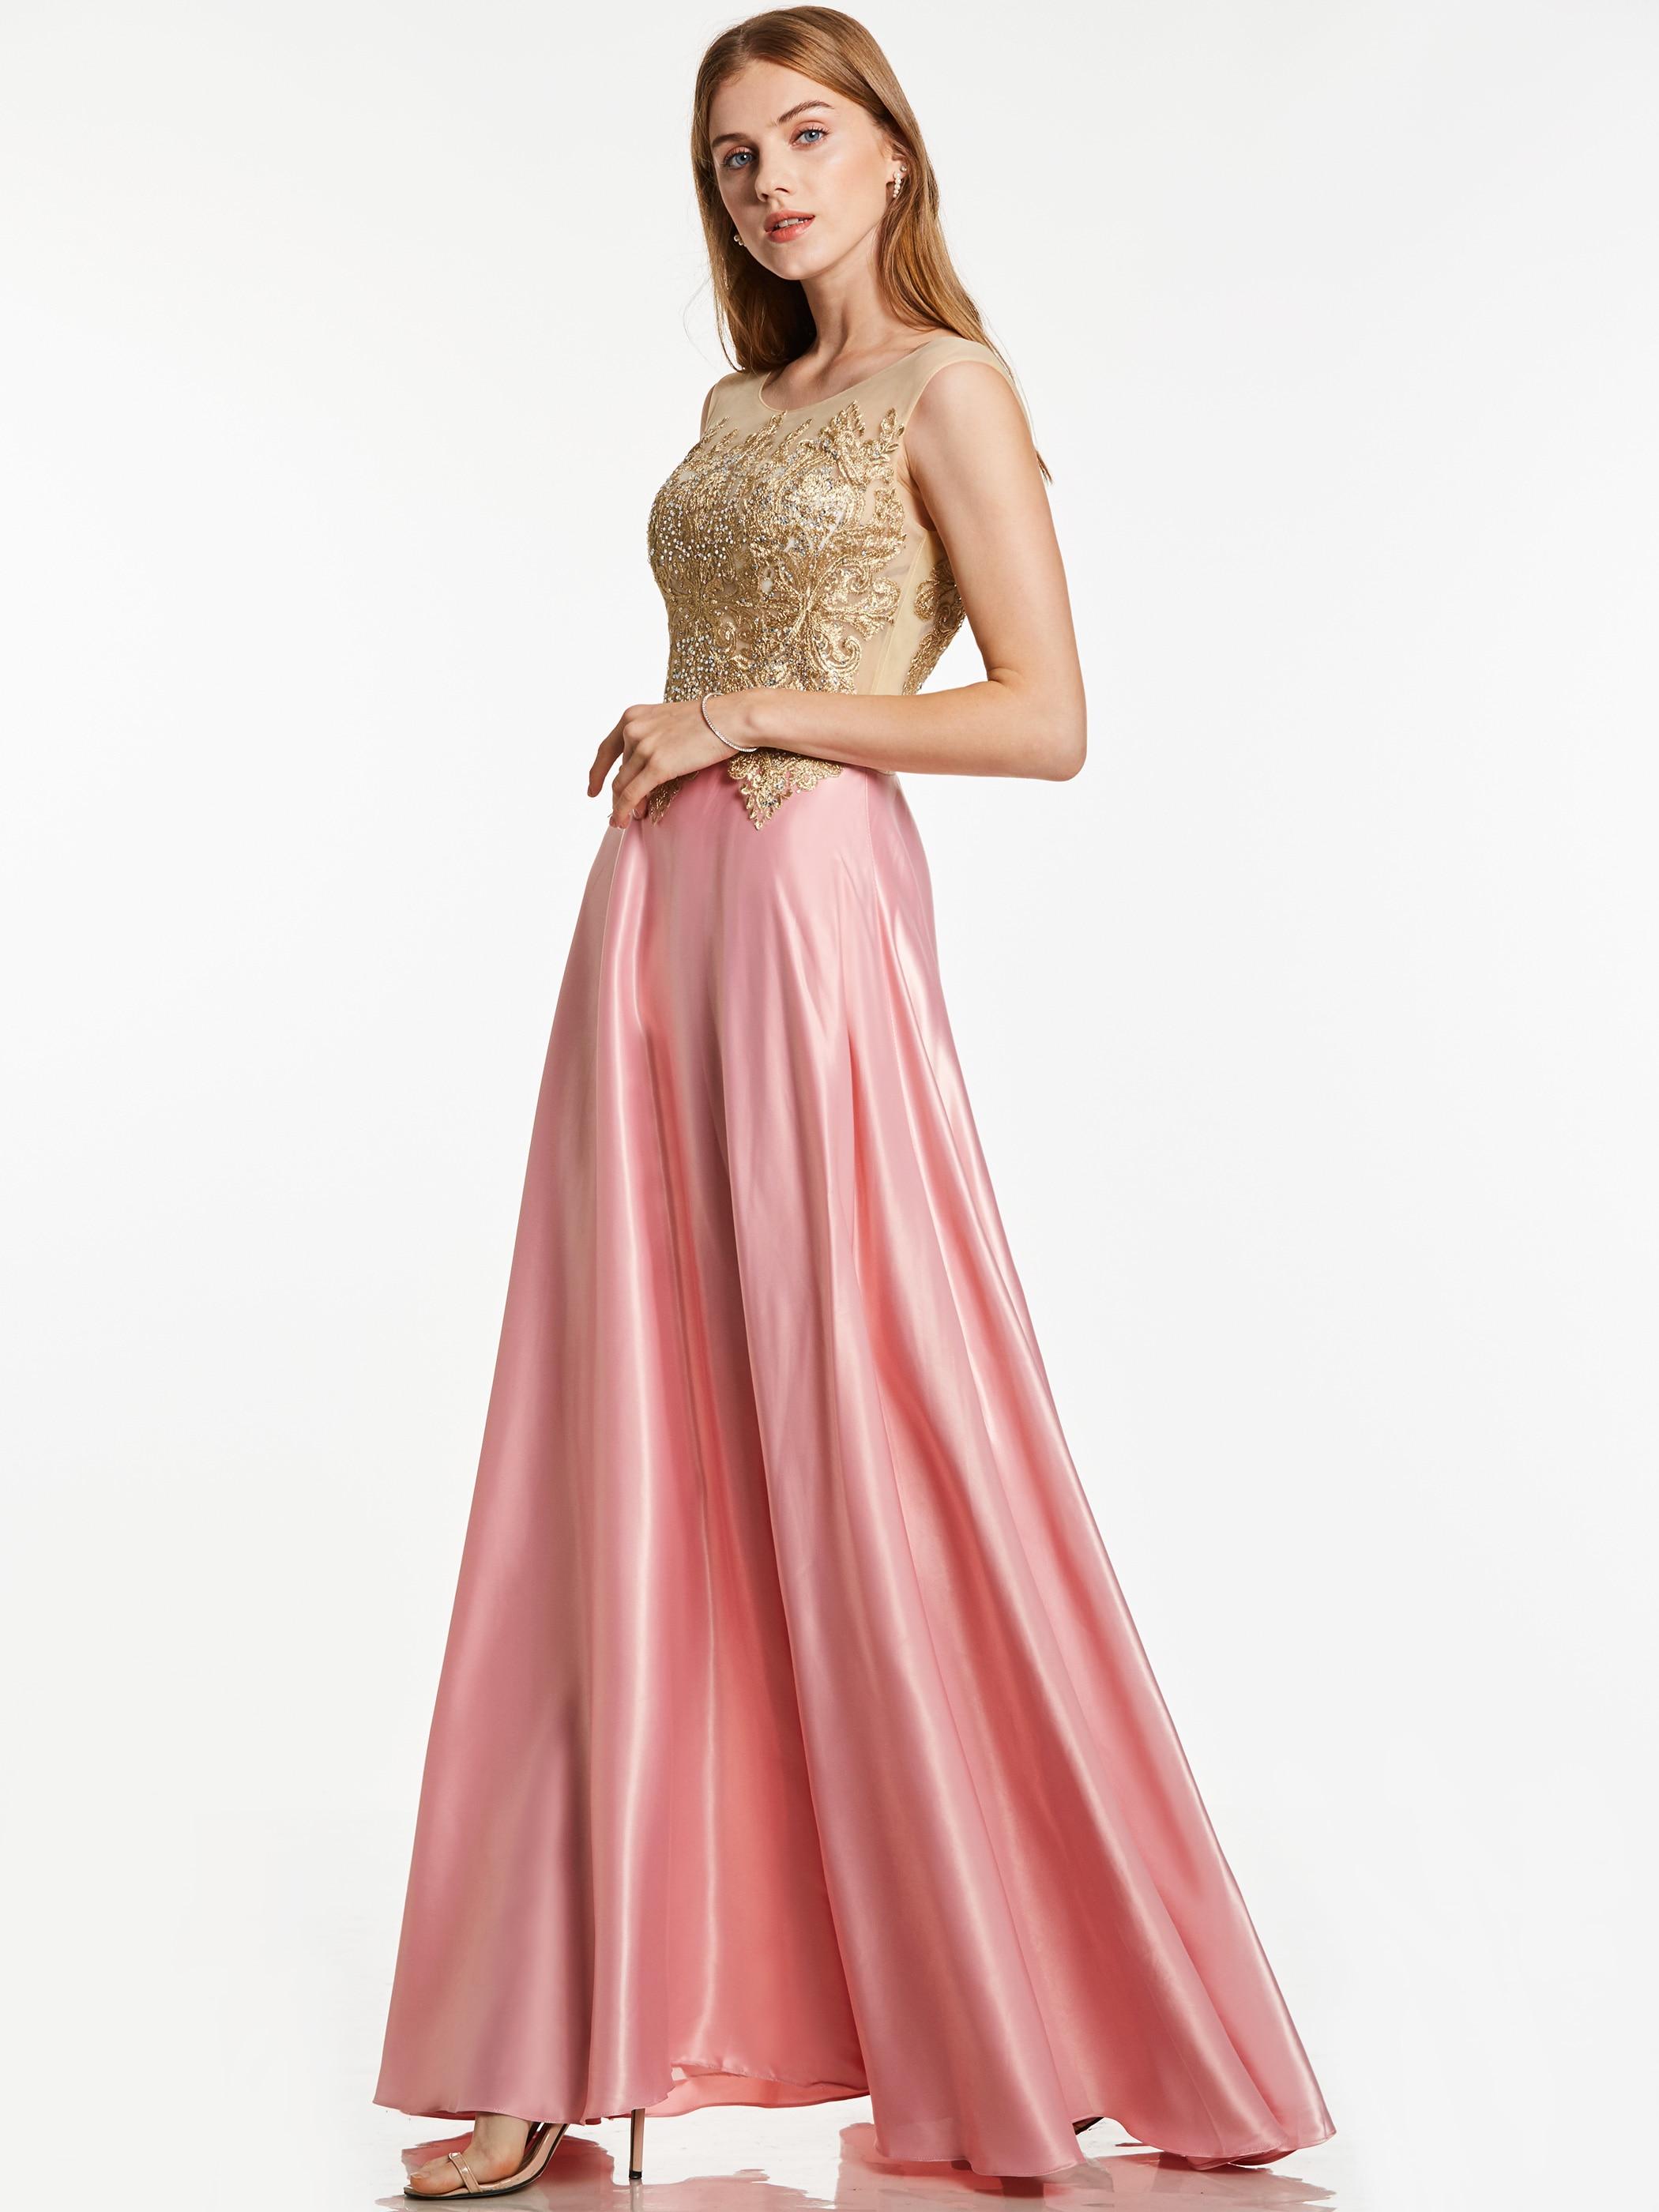 Dressv appliques robe de soirée rose col de bateau sans manches longueur de plancher une ligne robe pas cher femmes formelle bal longue robe de soirée